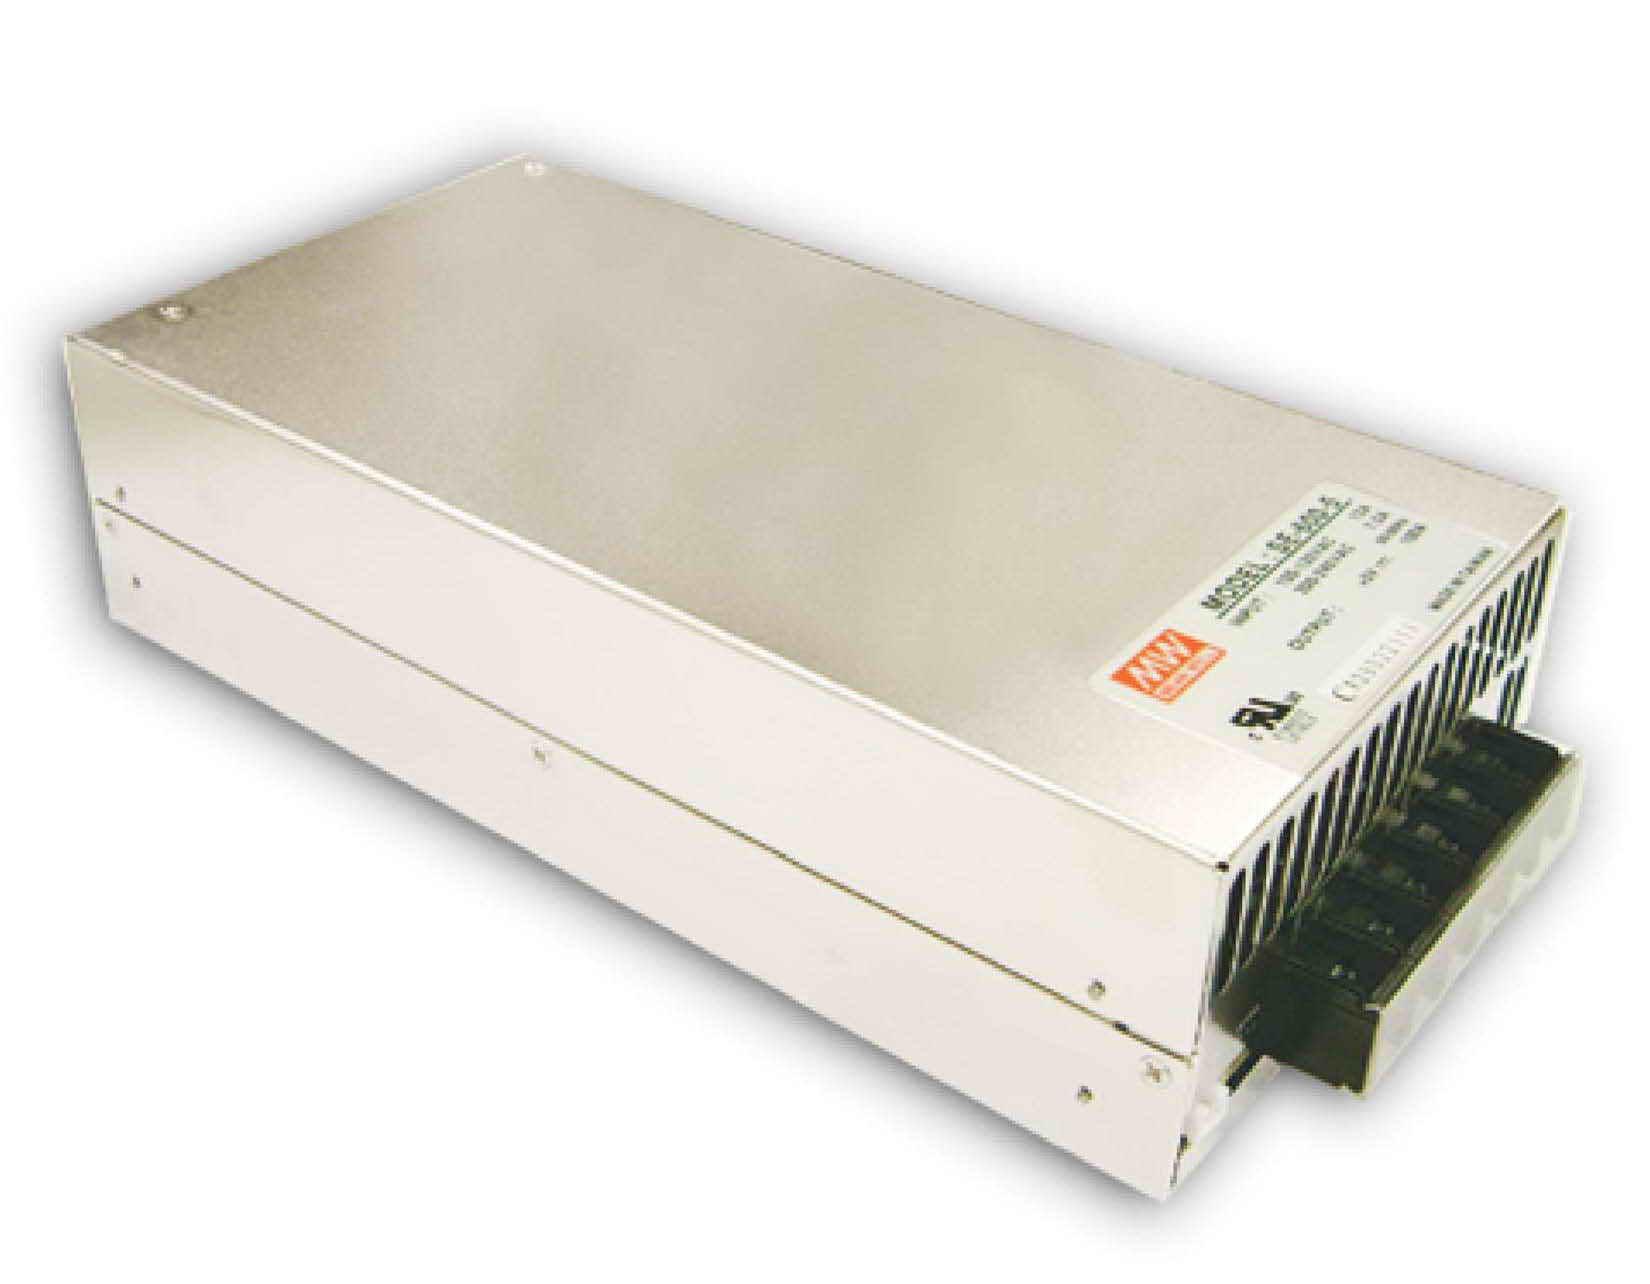 SE-600, منبع تغذیه کف خواب  مینول 600 وات, Mean Well, MW, SE-600-24, SE-600-12, SE-600-48, منبع تغذیه 48 ولت 12.5 آمپر, منبع تغذیه 24 ولت 25 آمپر